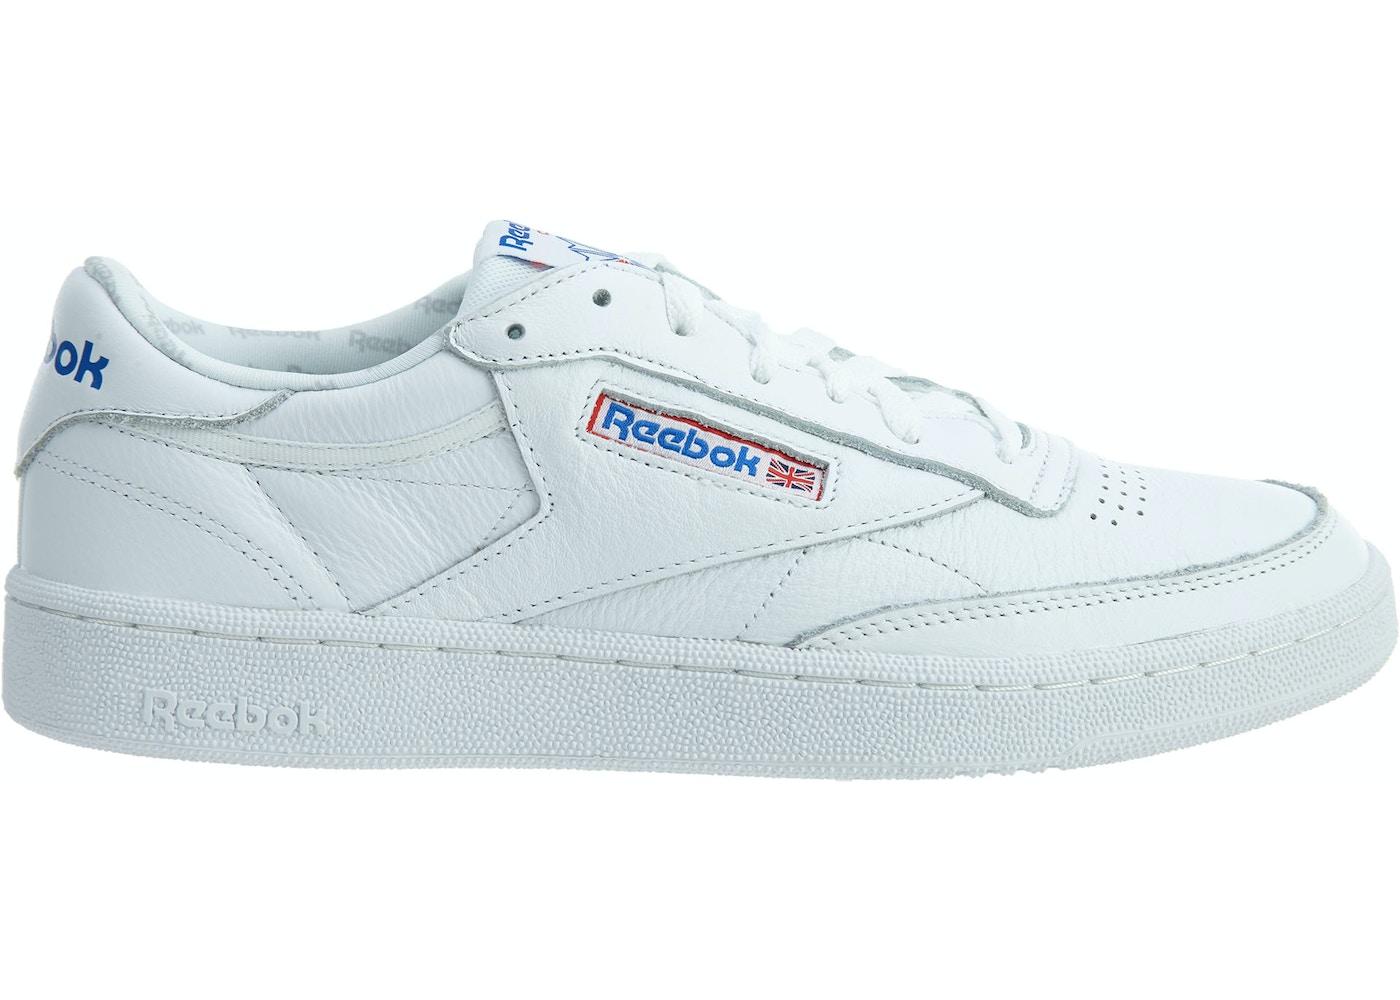 2735e0ea8f7b1 Reebok Club C 85 So White Light Grey Heather Solid Grey Blue - BS5214